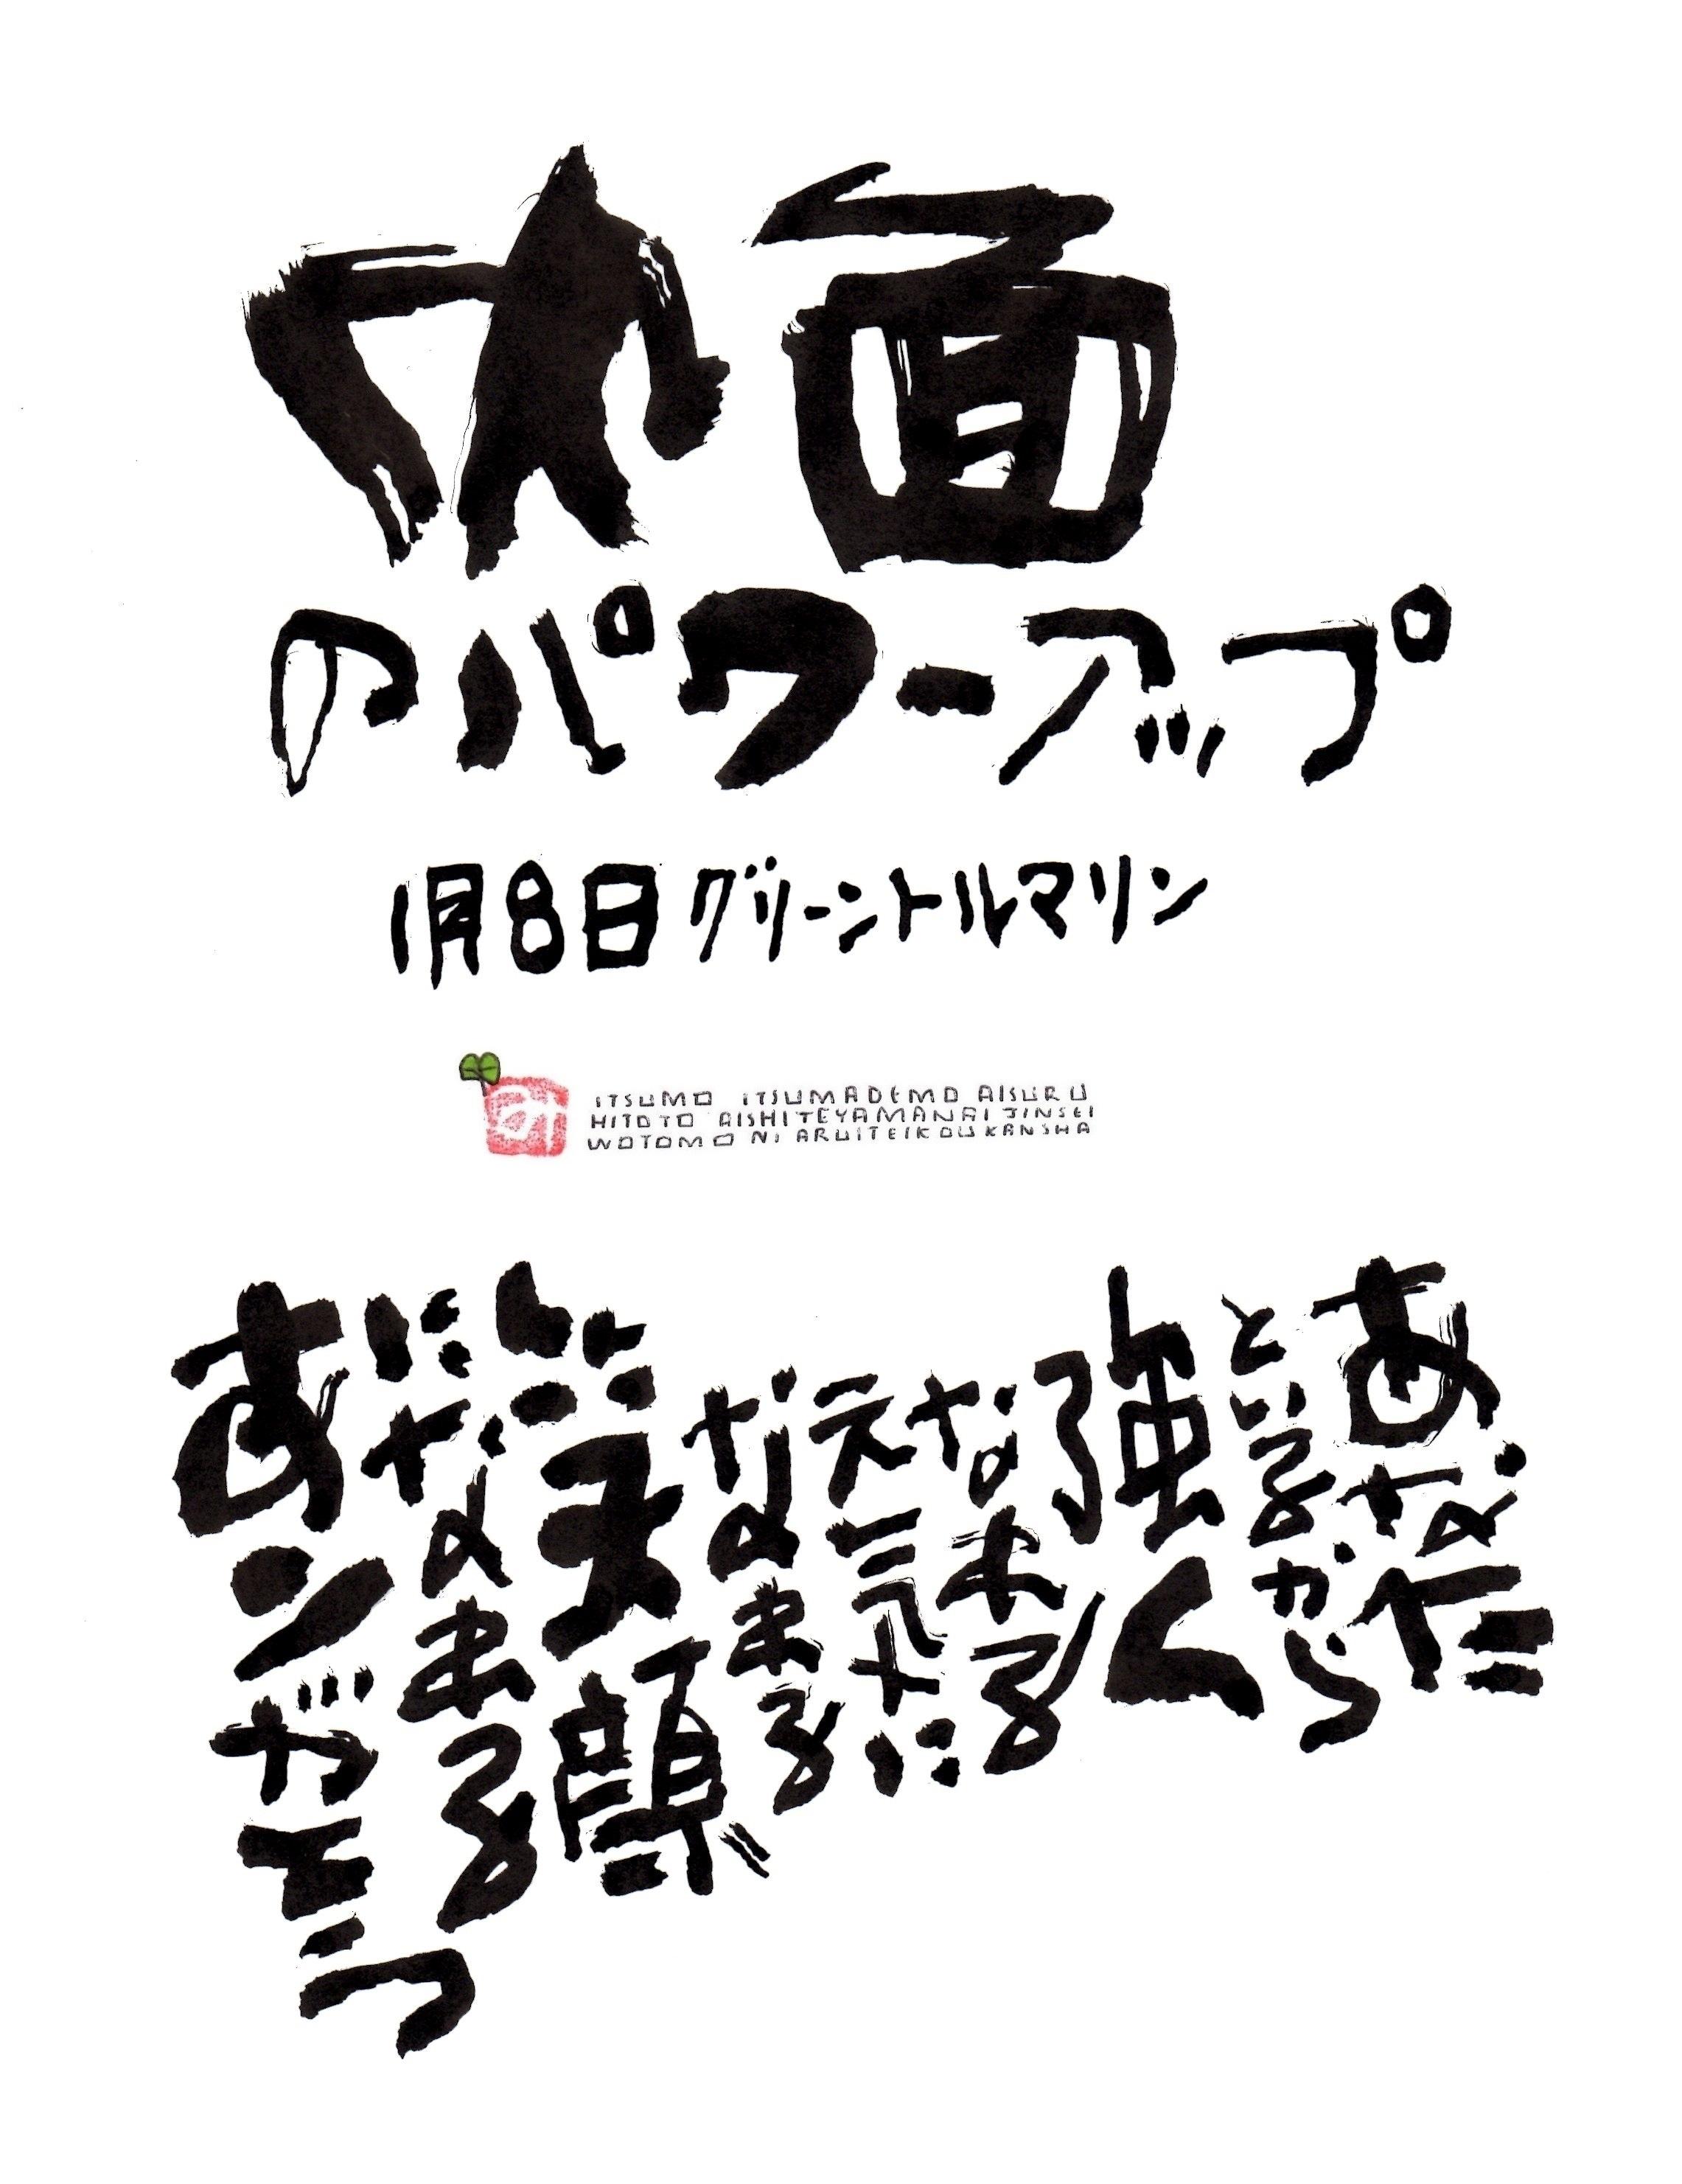 1月8日 結婚記念日ポストカード【内面のパワーアップ】